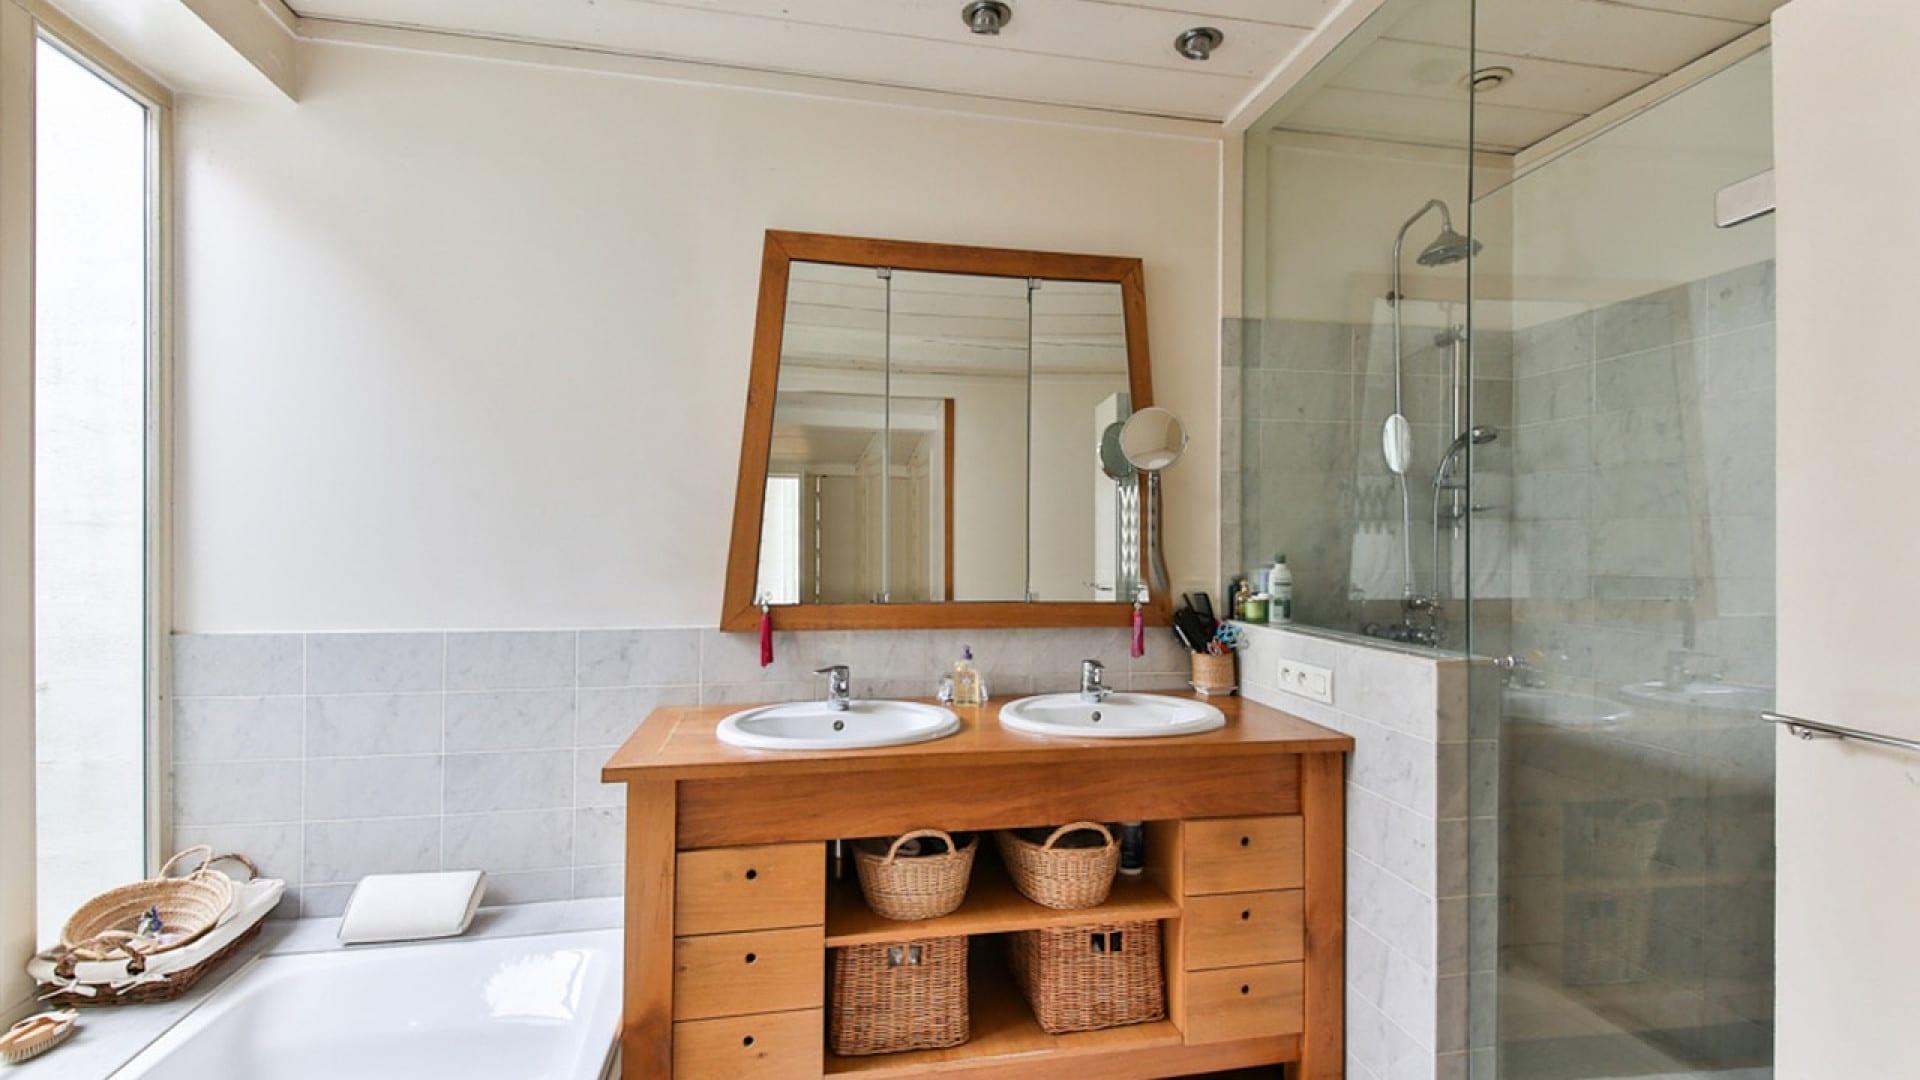 Pourquoi privilégier des meubles en teck pour salle de bain ?